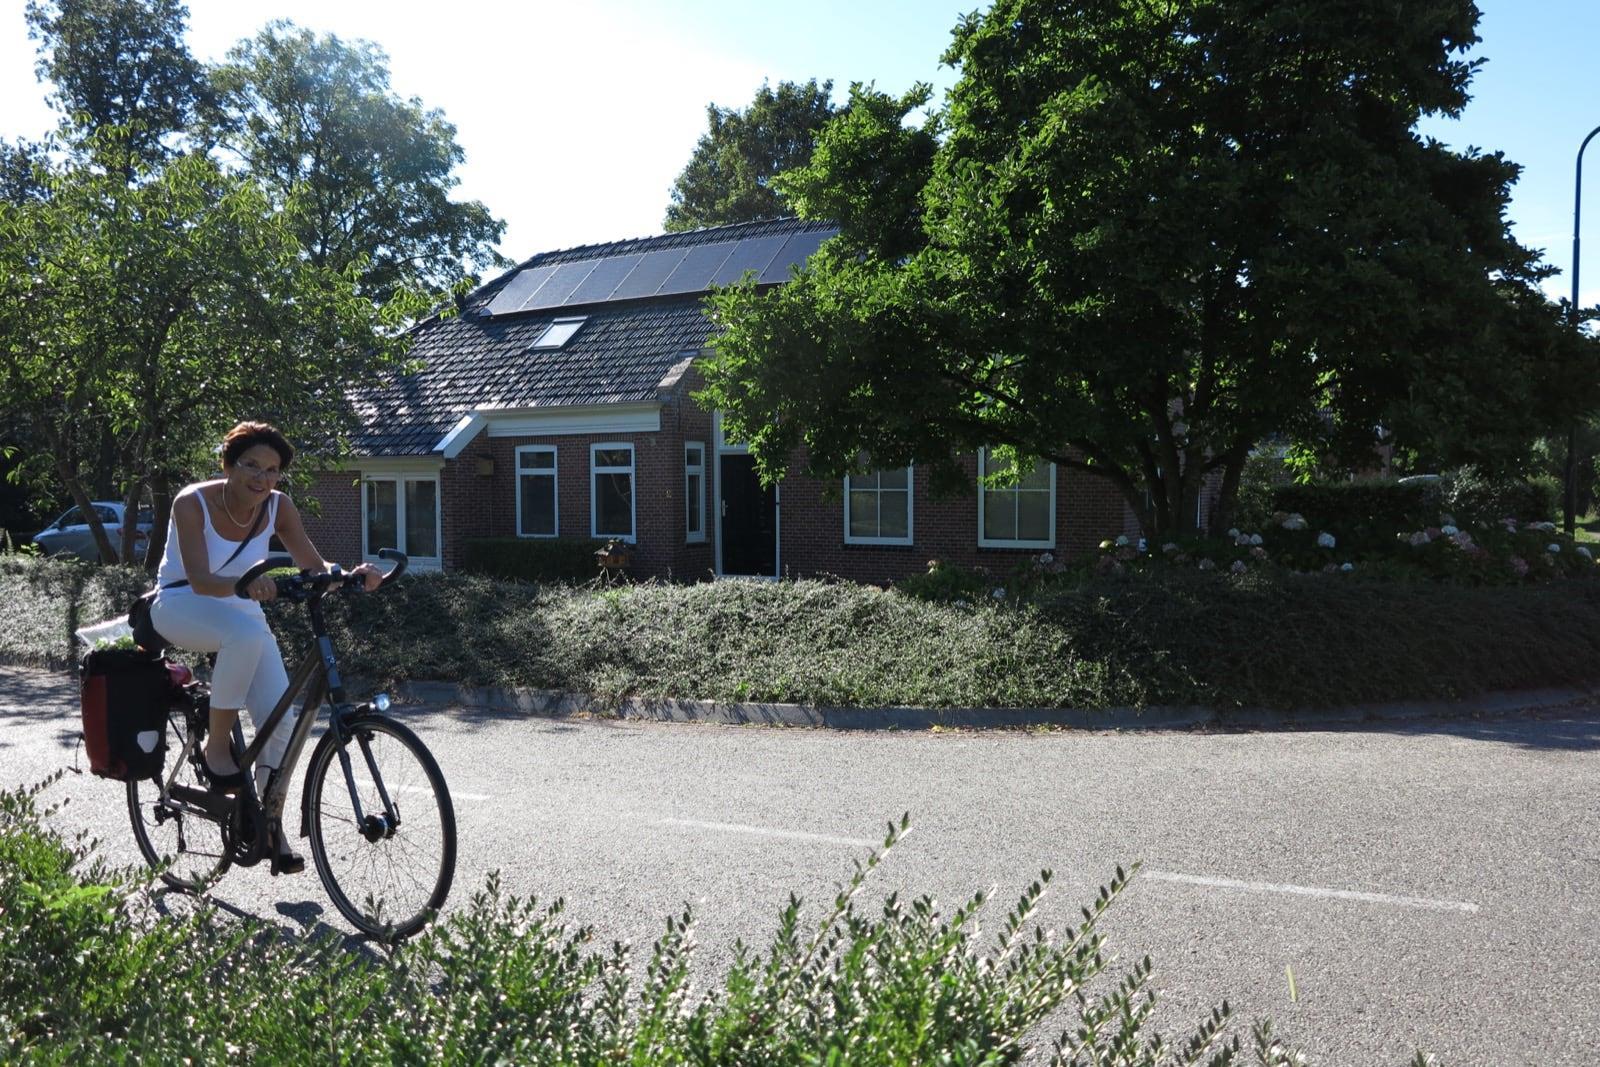 et-fiets-en-fietser-62-isabelle-van-gelder-(molenhorn)-oi.jpg